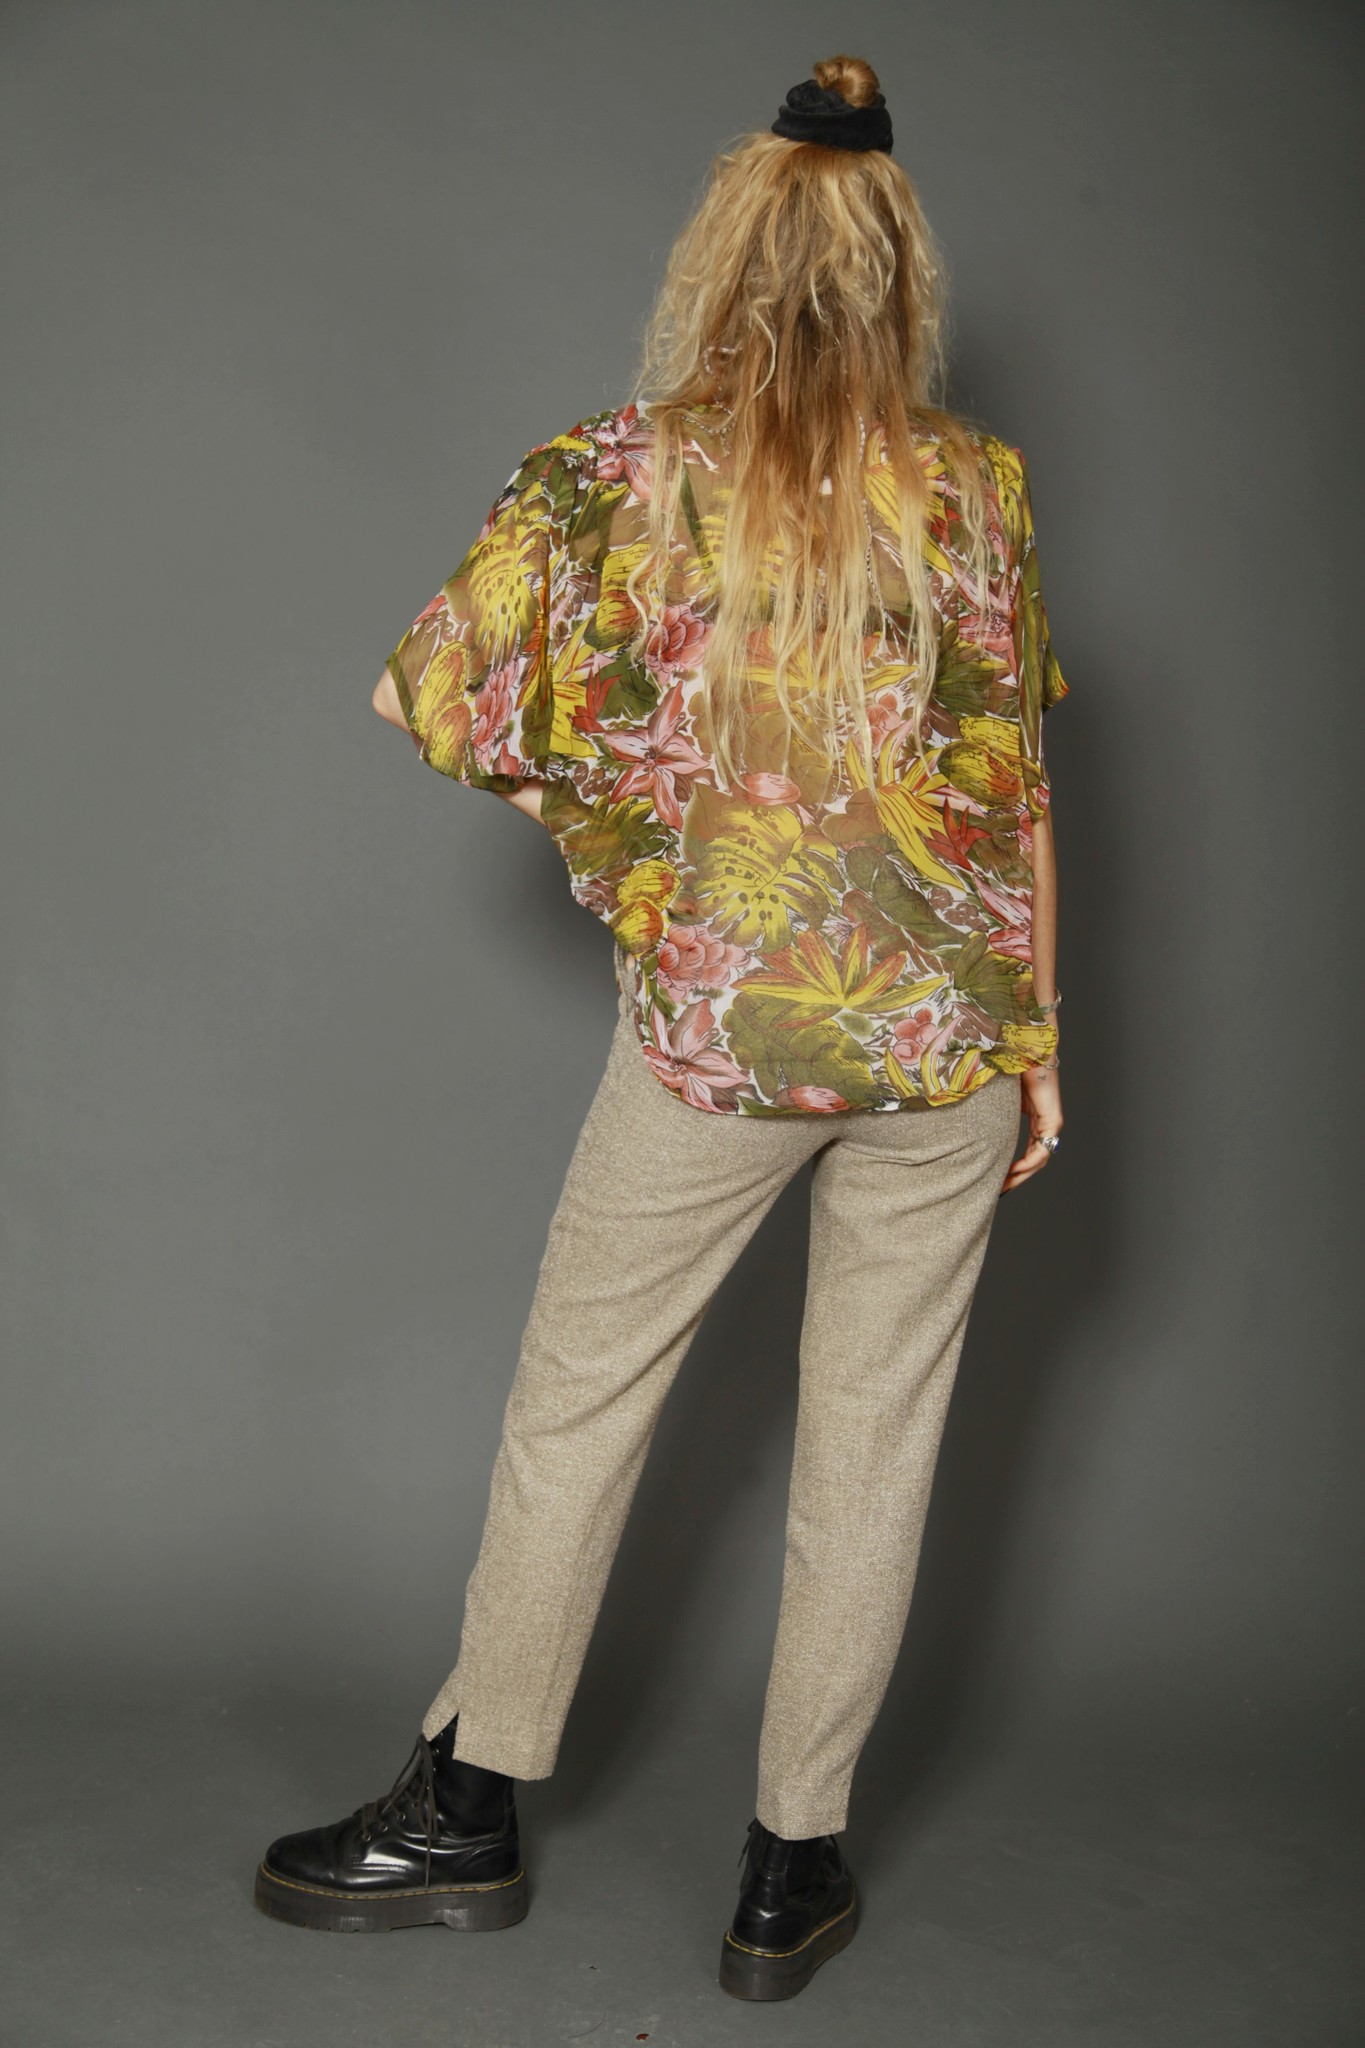 Sheer 80s floral shirt